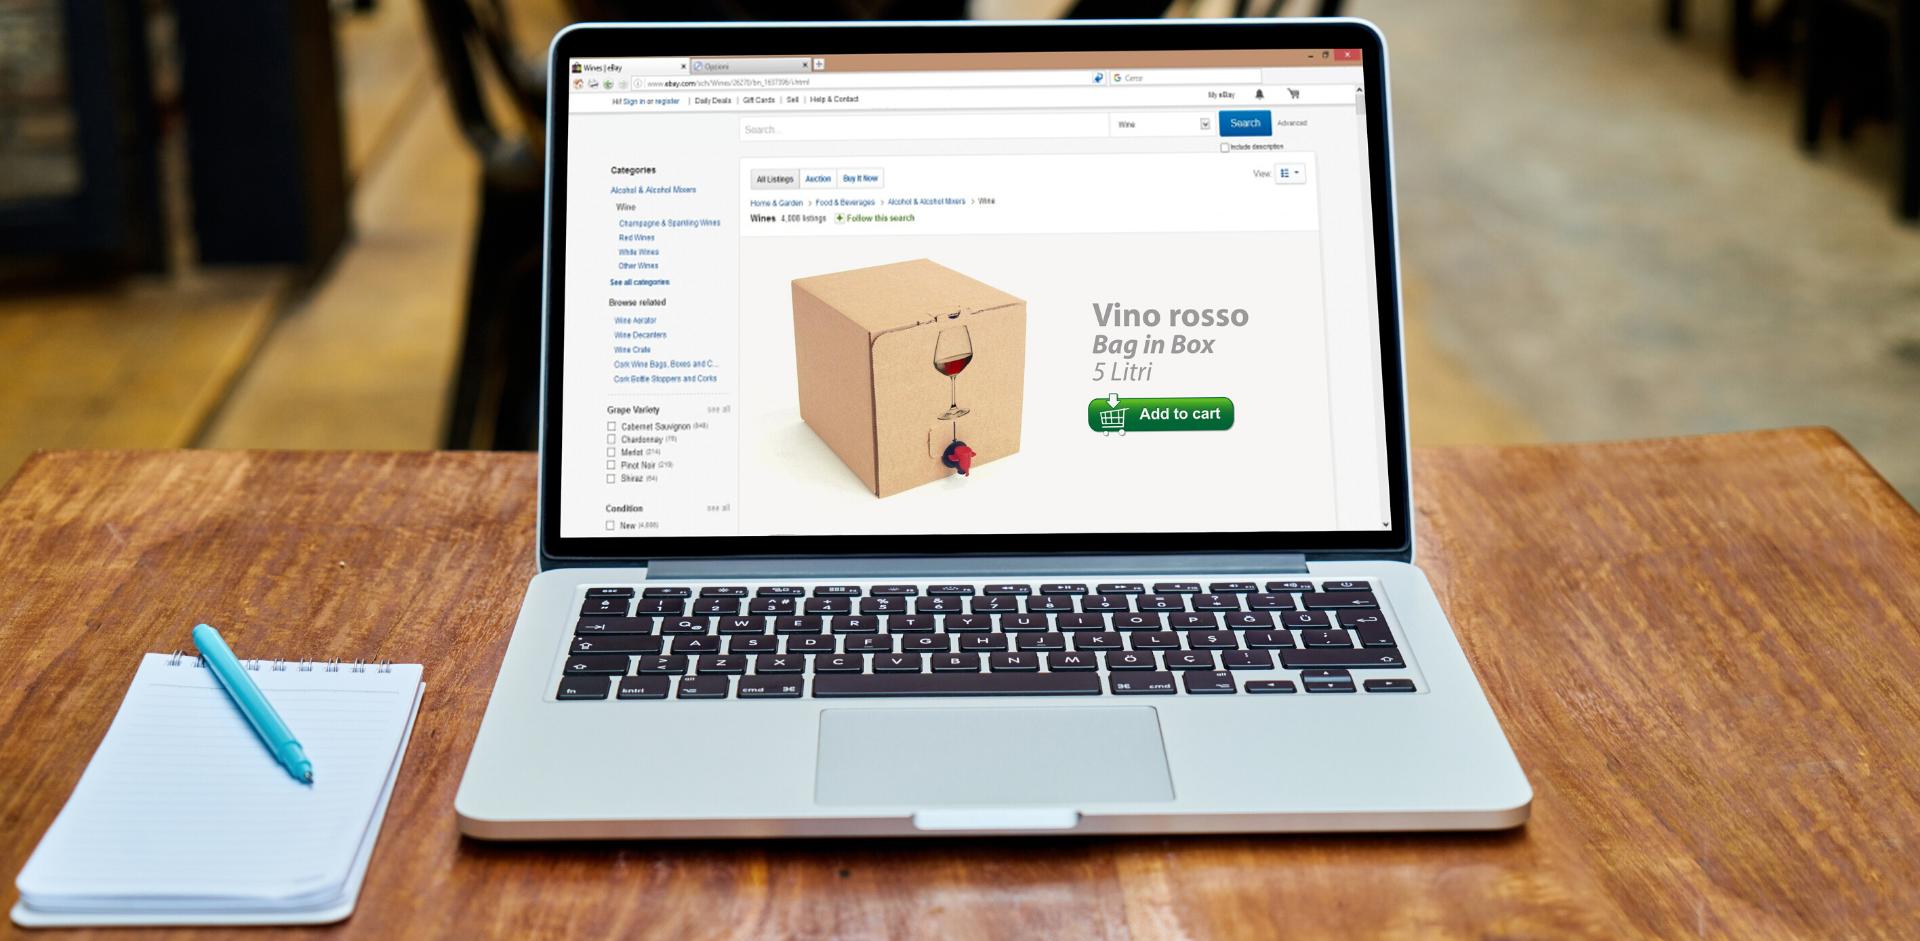 Emergenza Covid-19: Boom di vendite Bag in Box